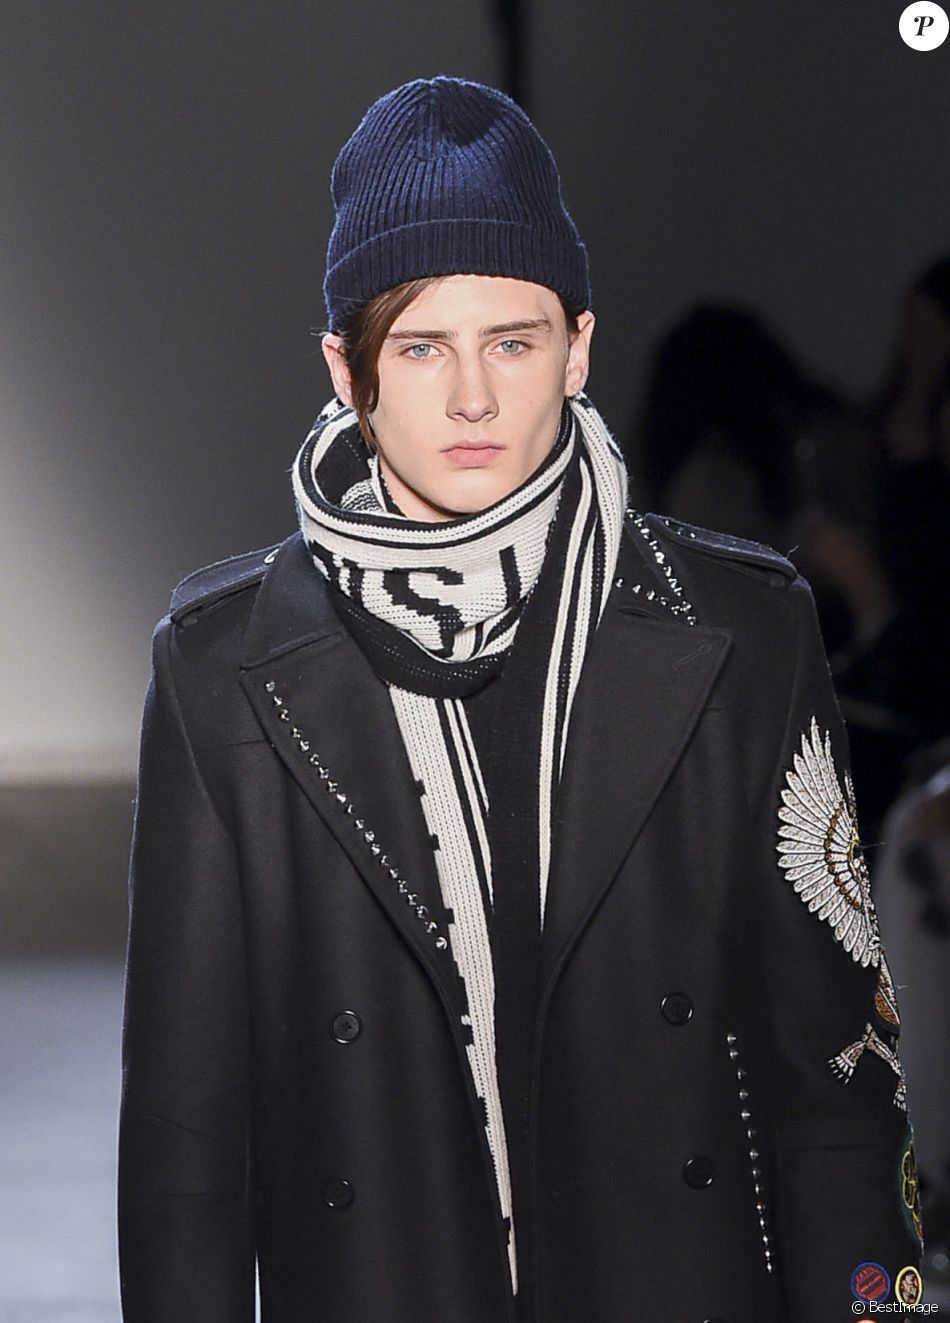 Noé Elmaleh - Défilé de mode Zadig & Voltaire collection prêt-à-porter Automne Hiver 2017-2018 lors de la fashion week à New York, le 13 février 2017.